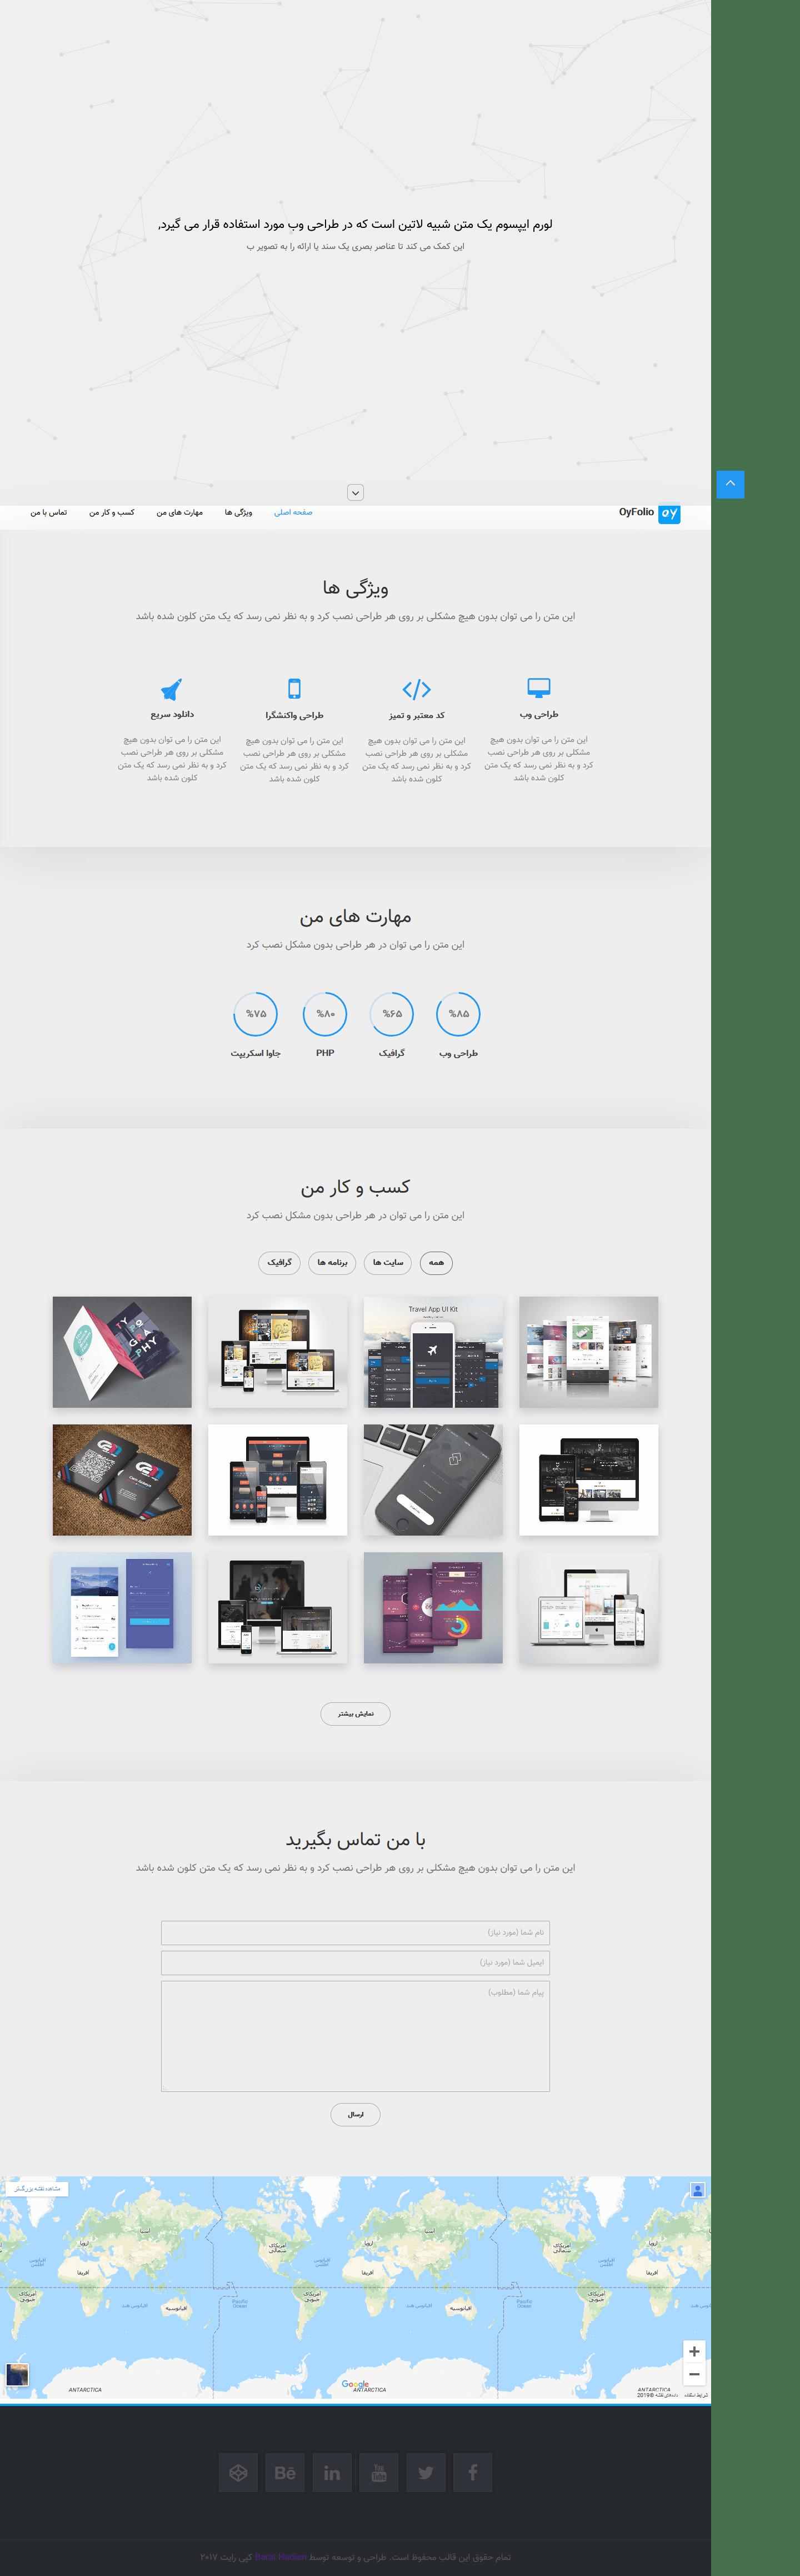 قالب HTML اویفولیو